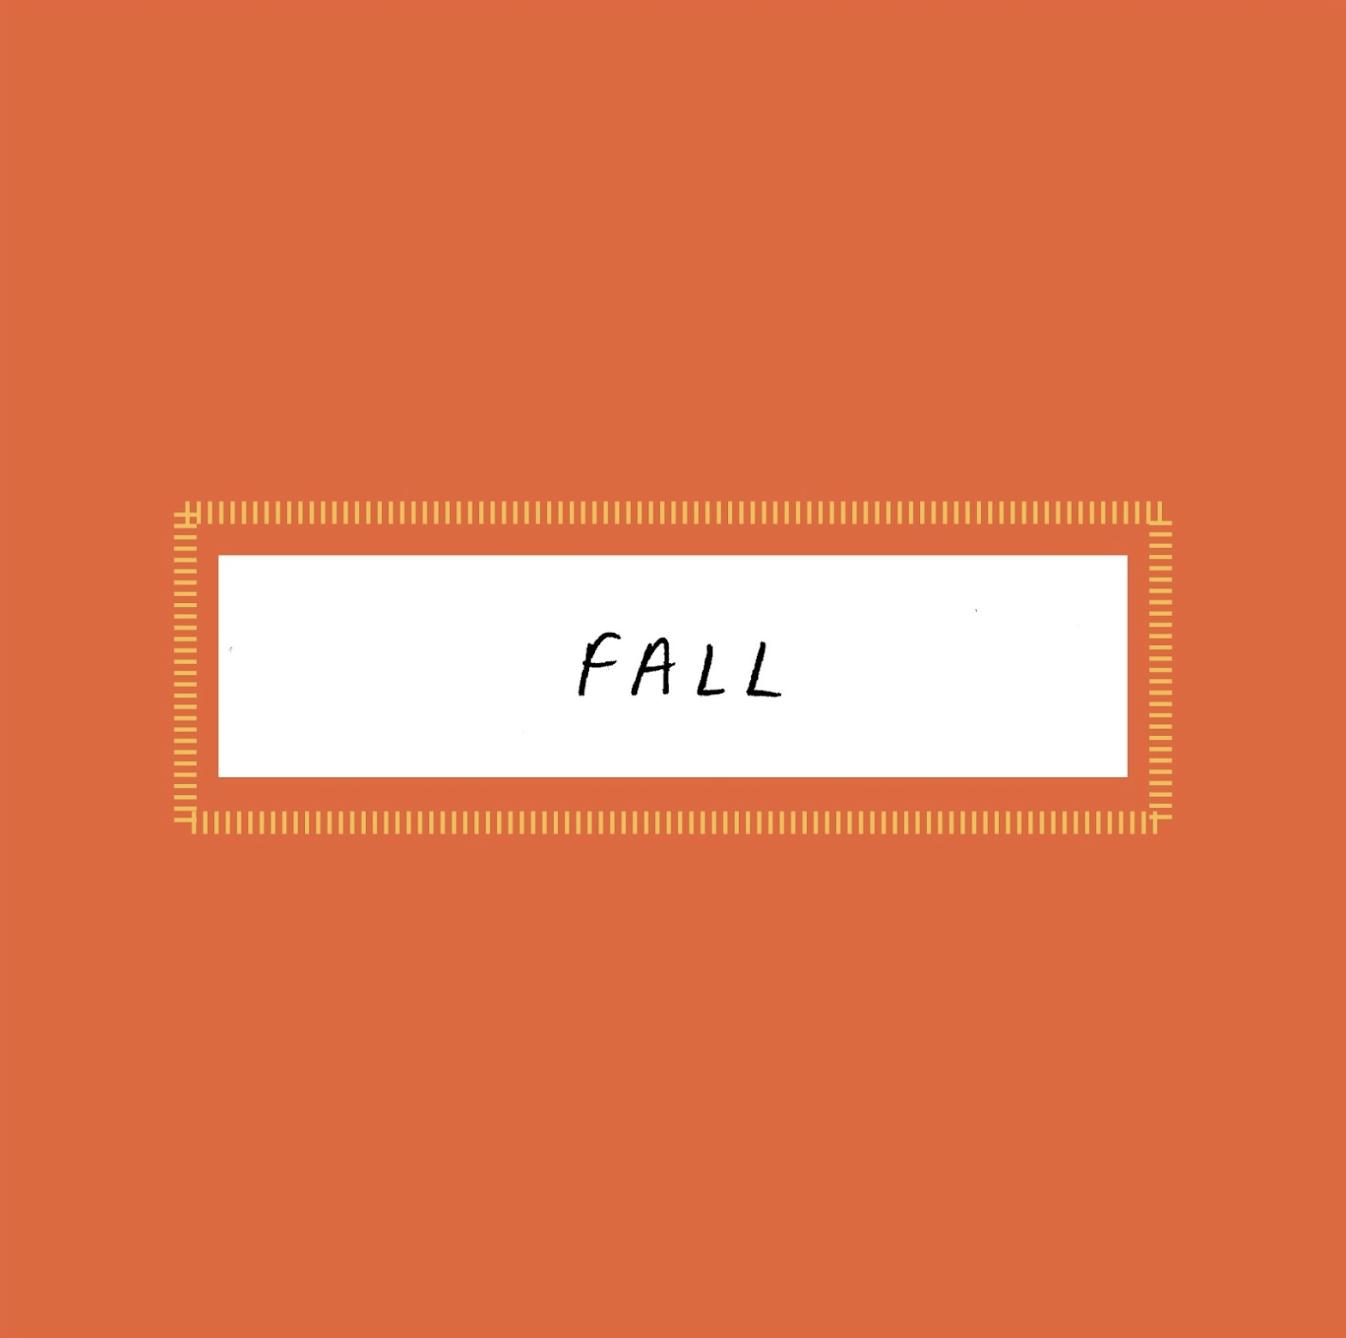 Fall  by Emma Bruckner